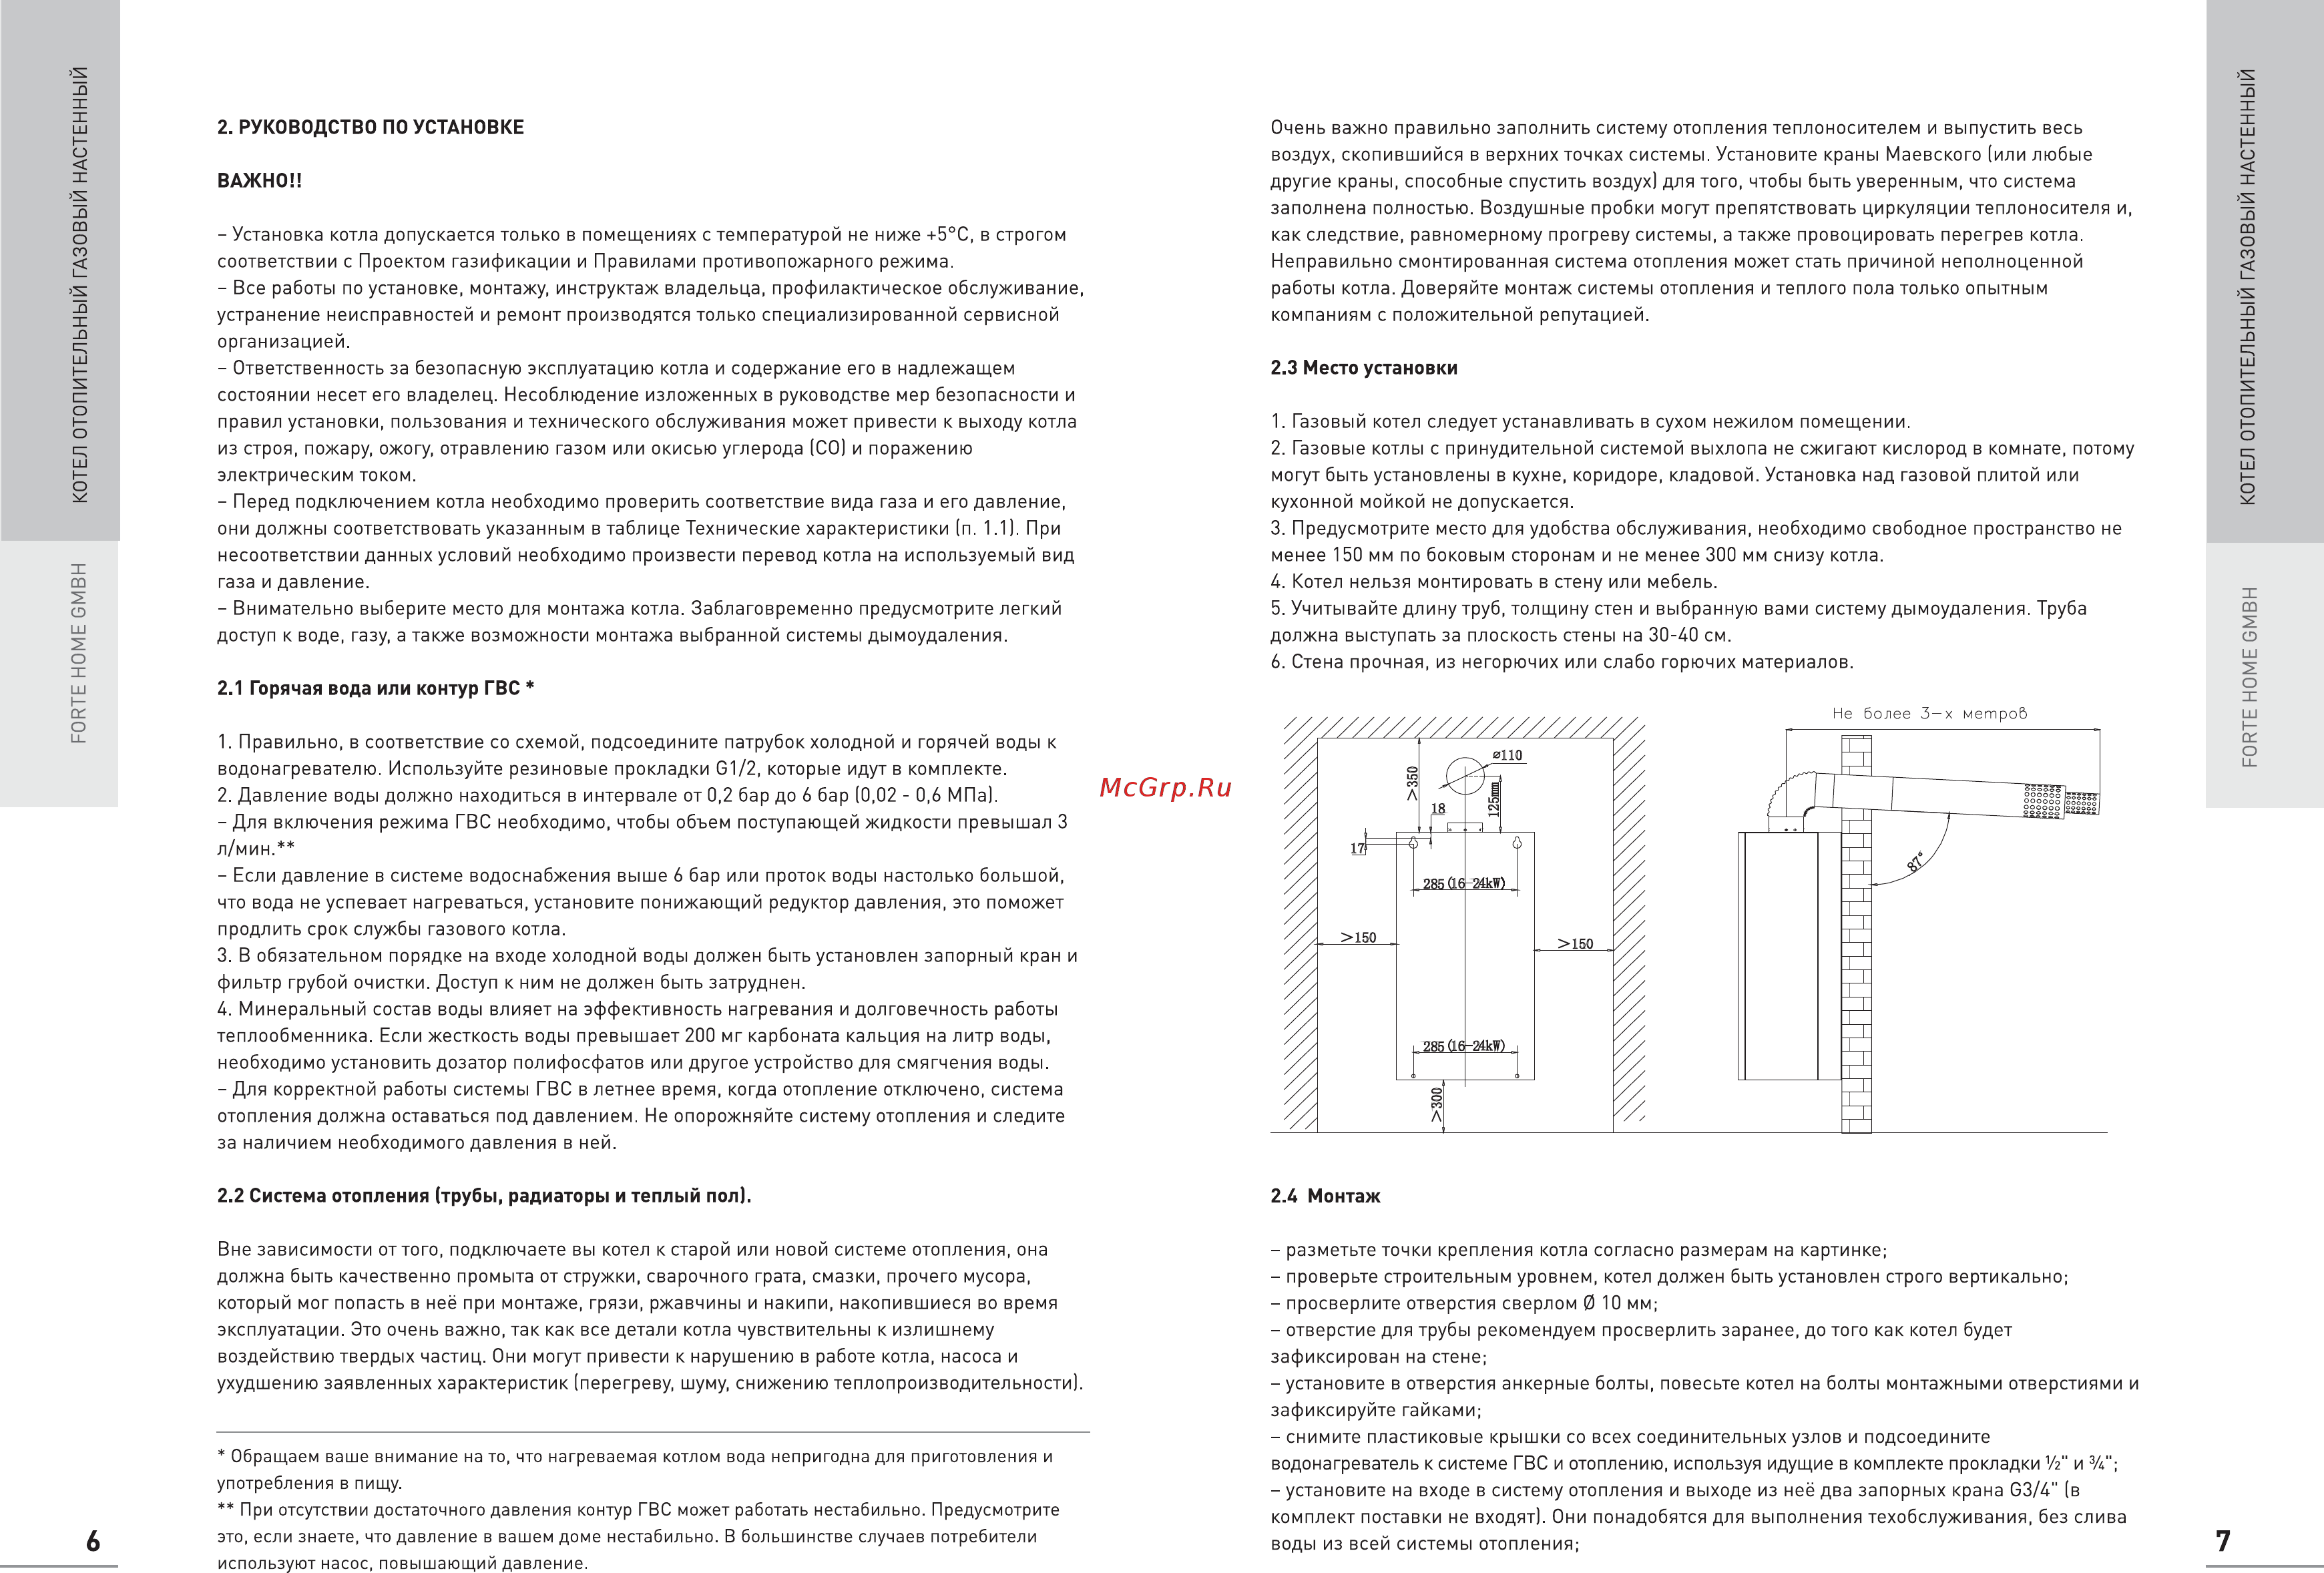 Включение и настройка газового котла: подробная инструкция по подготовке и эксплуатации